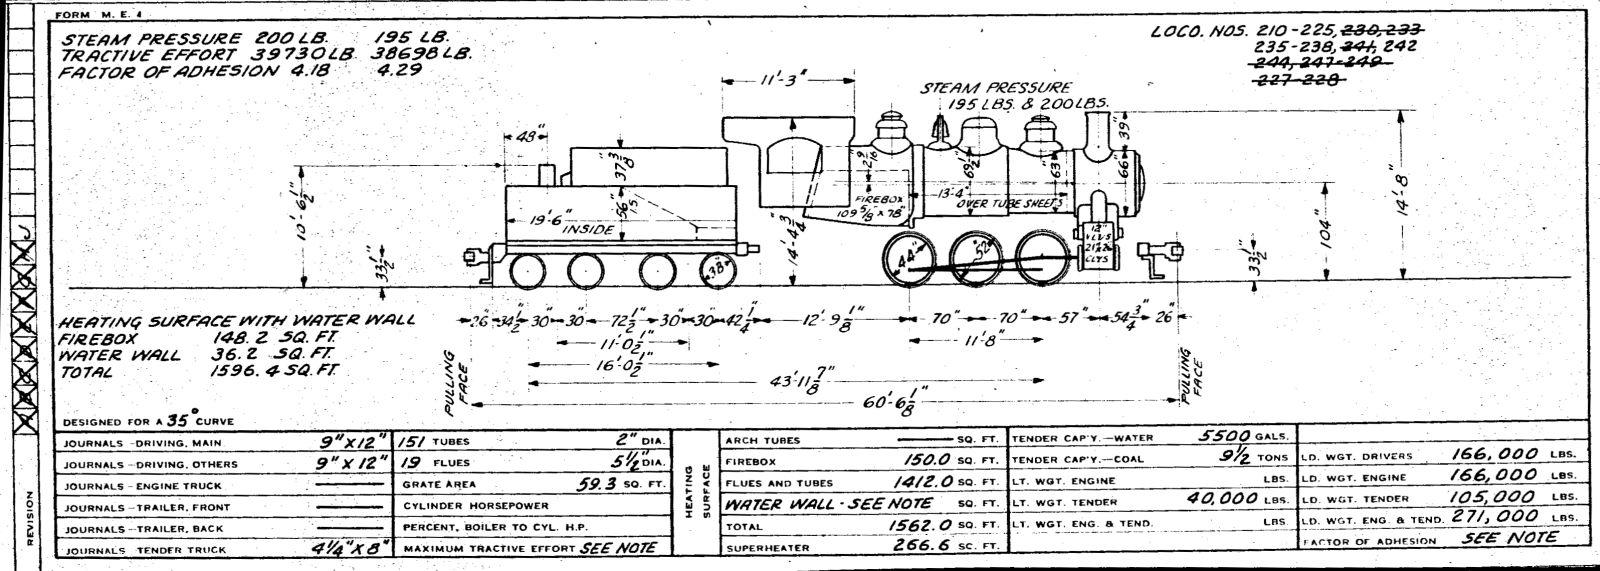 Illinois Central 1955 Locomotive Diagrams P 51 Engine Diagram Page 47 Locomotives 328 333 48 473 49 600 617 Diesel 50 700 716 726